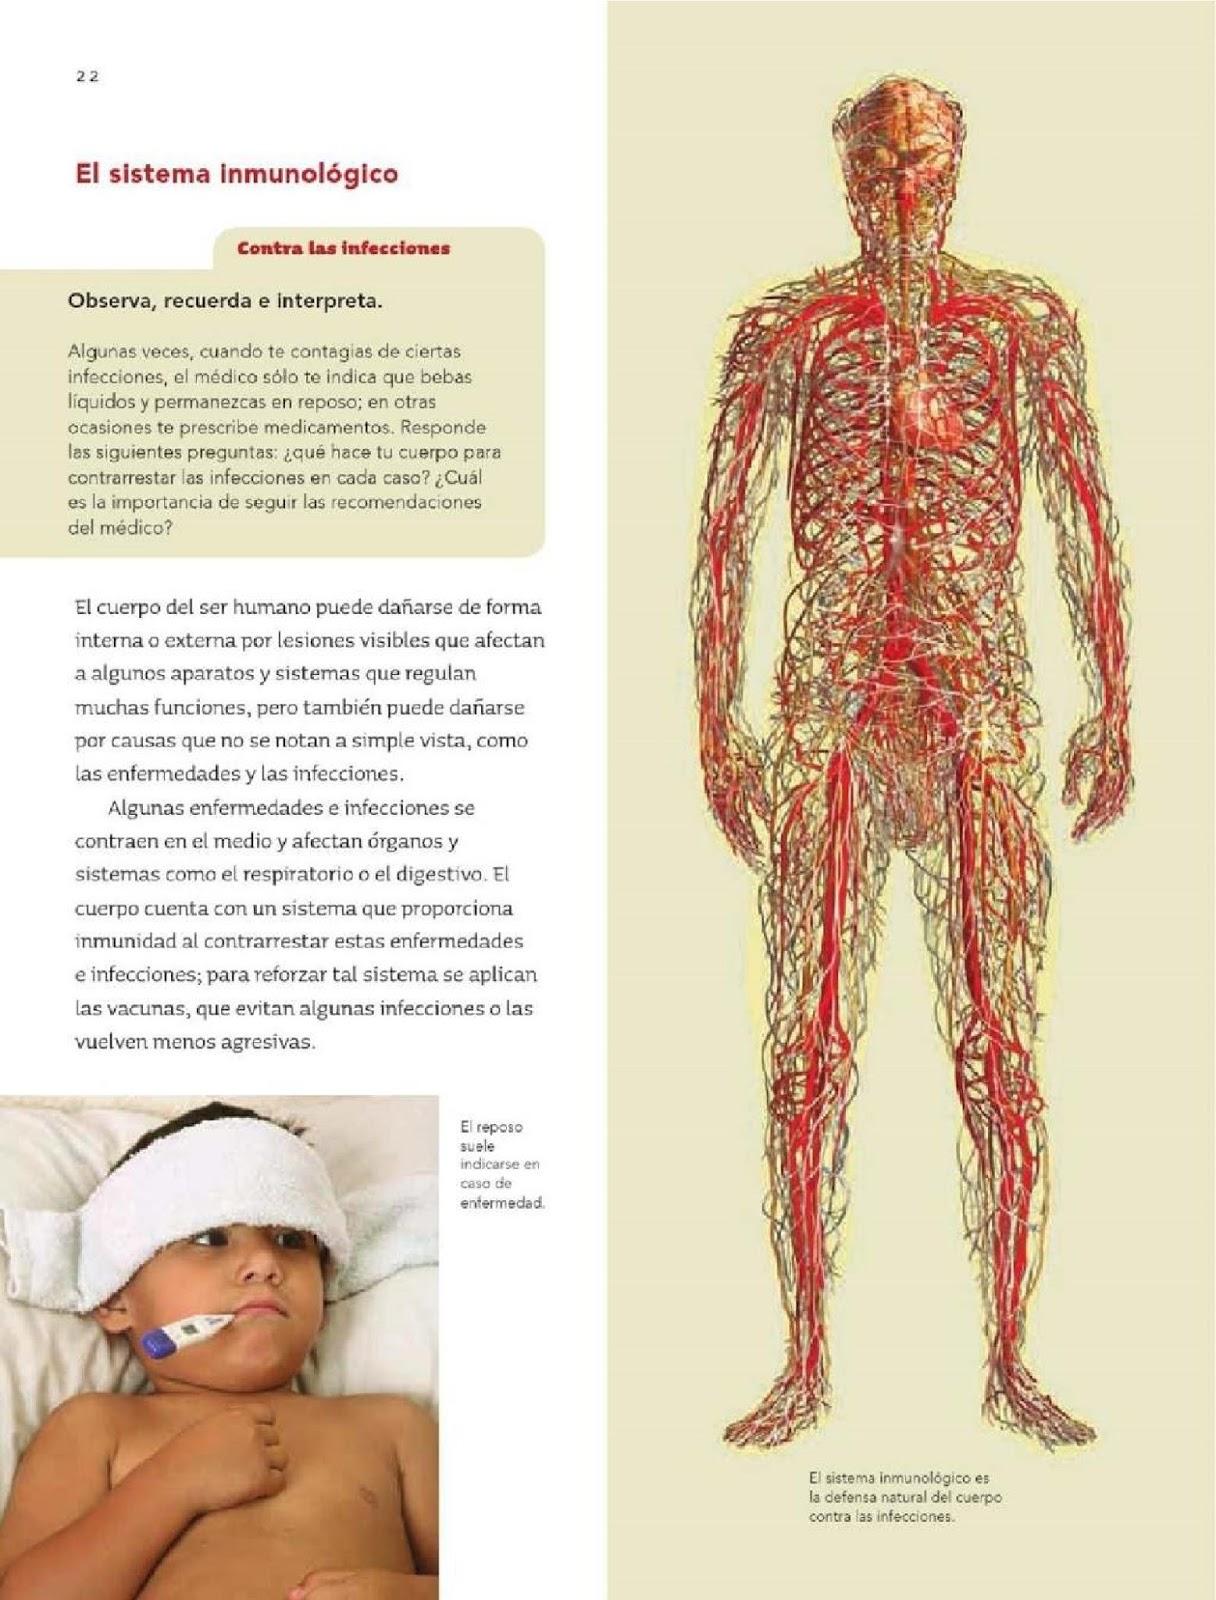 Coordinación y defensa del cuerpo humano - Bloque I - Tema